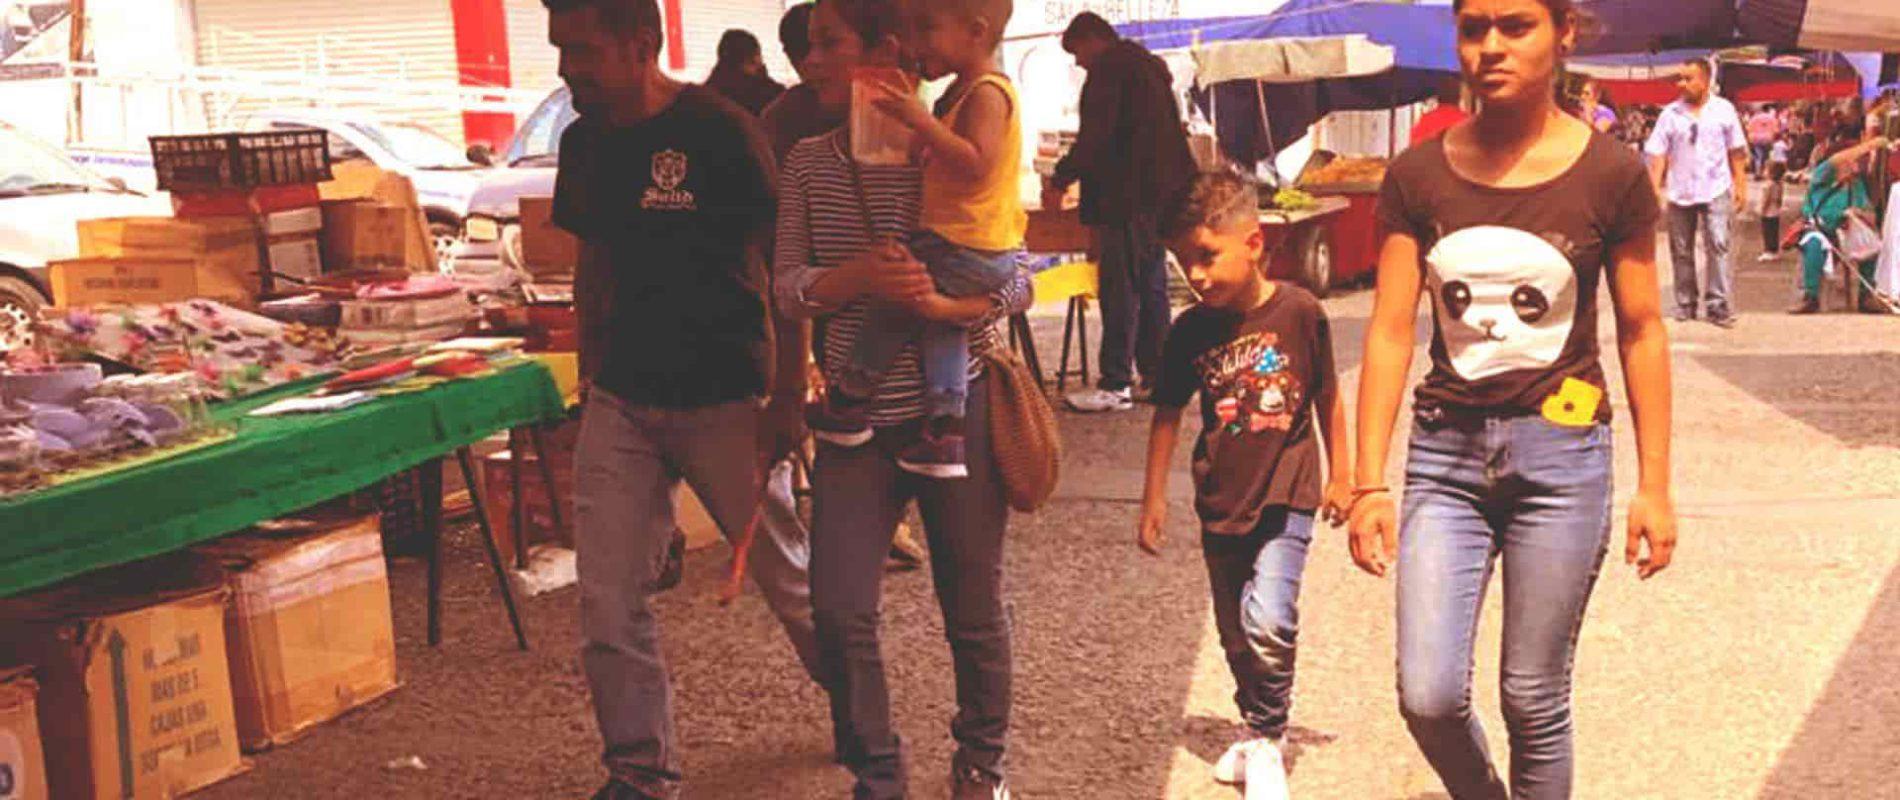 Exponer a niños durante la contingencia puede considerarse omisión de cuidados